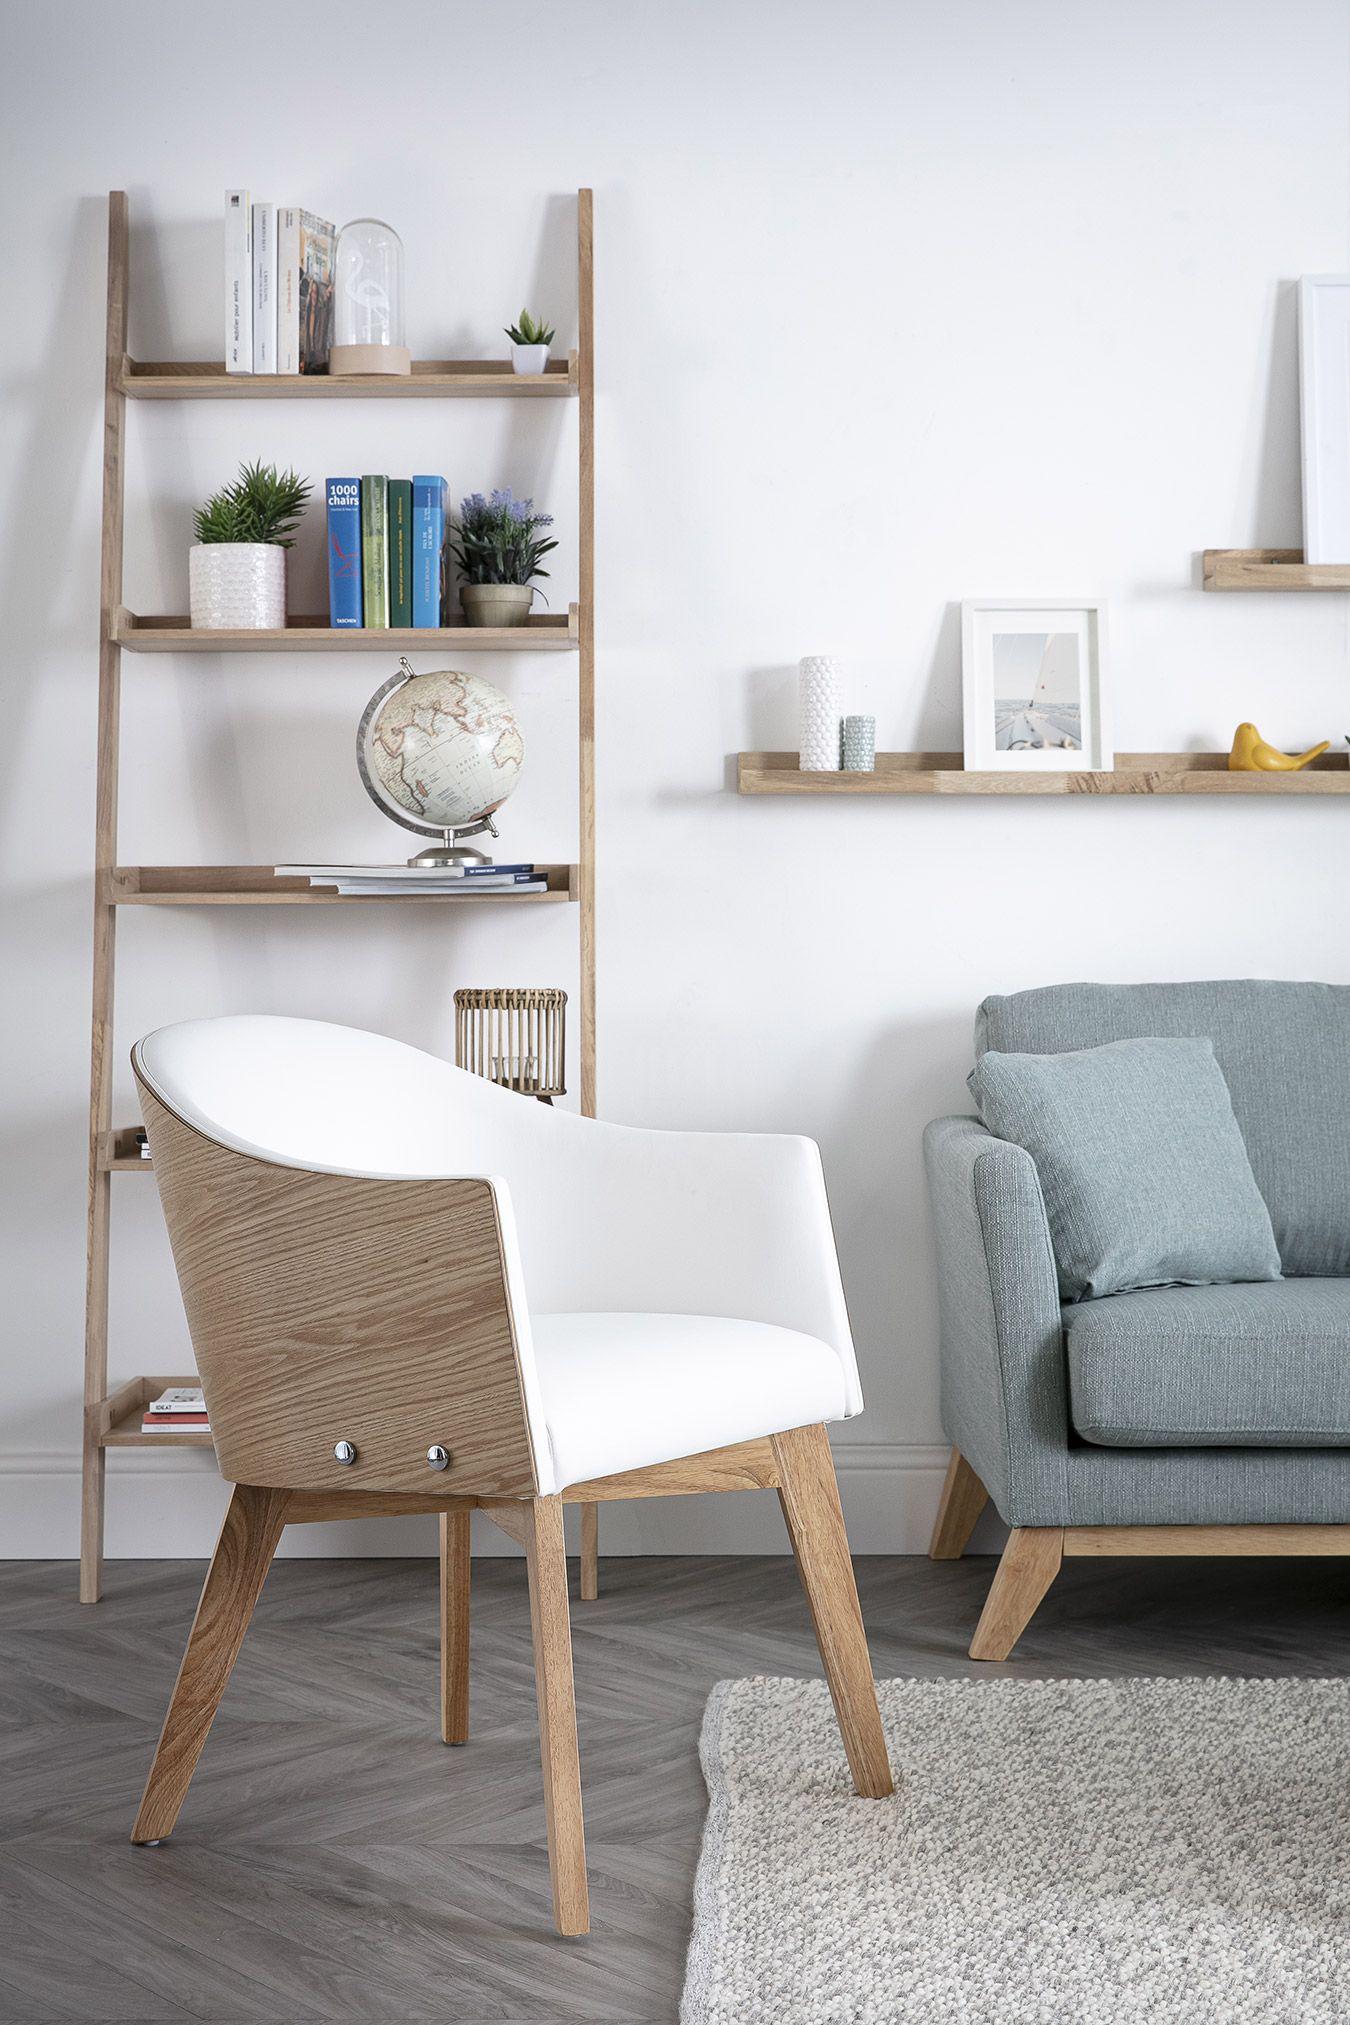 Fauteuil Design Bois Clair Et Pu Blanc Nordeco Miliboo Fauteuil Design Chaise Style Scandinave Inspiration Deco